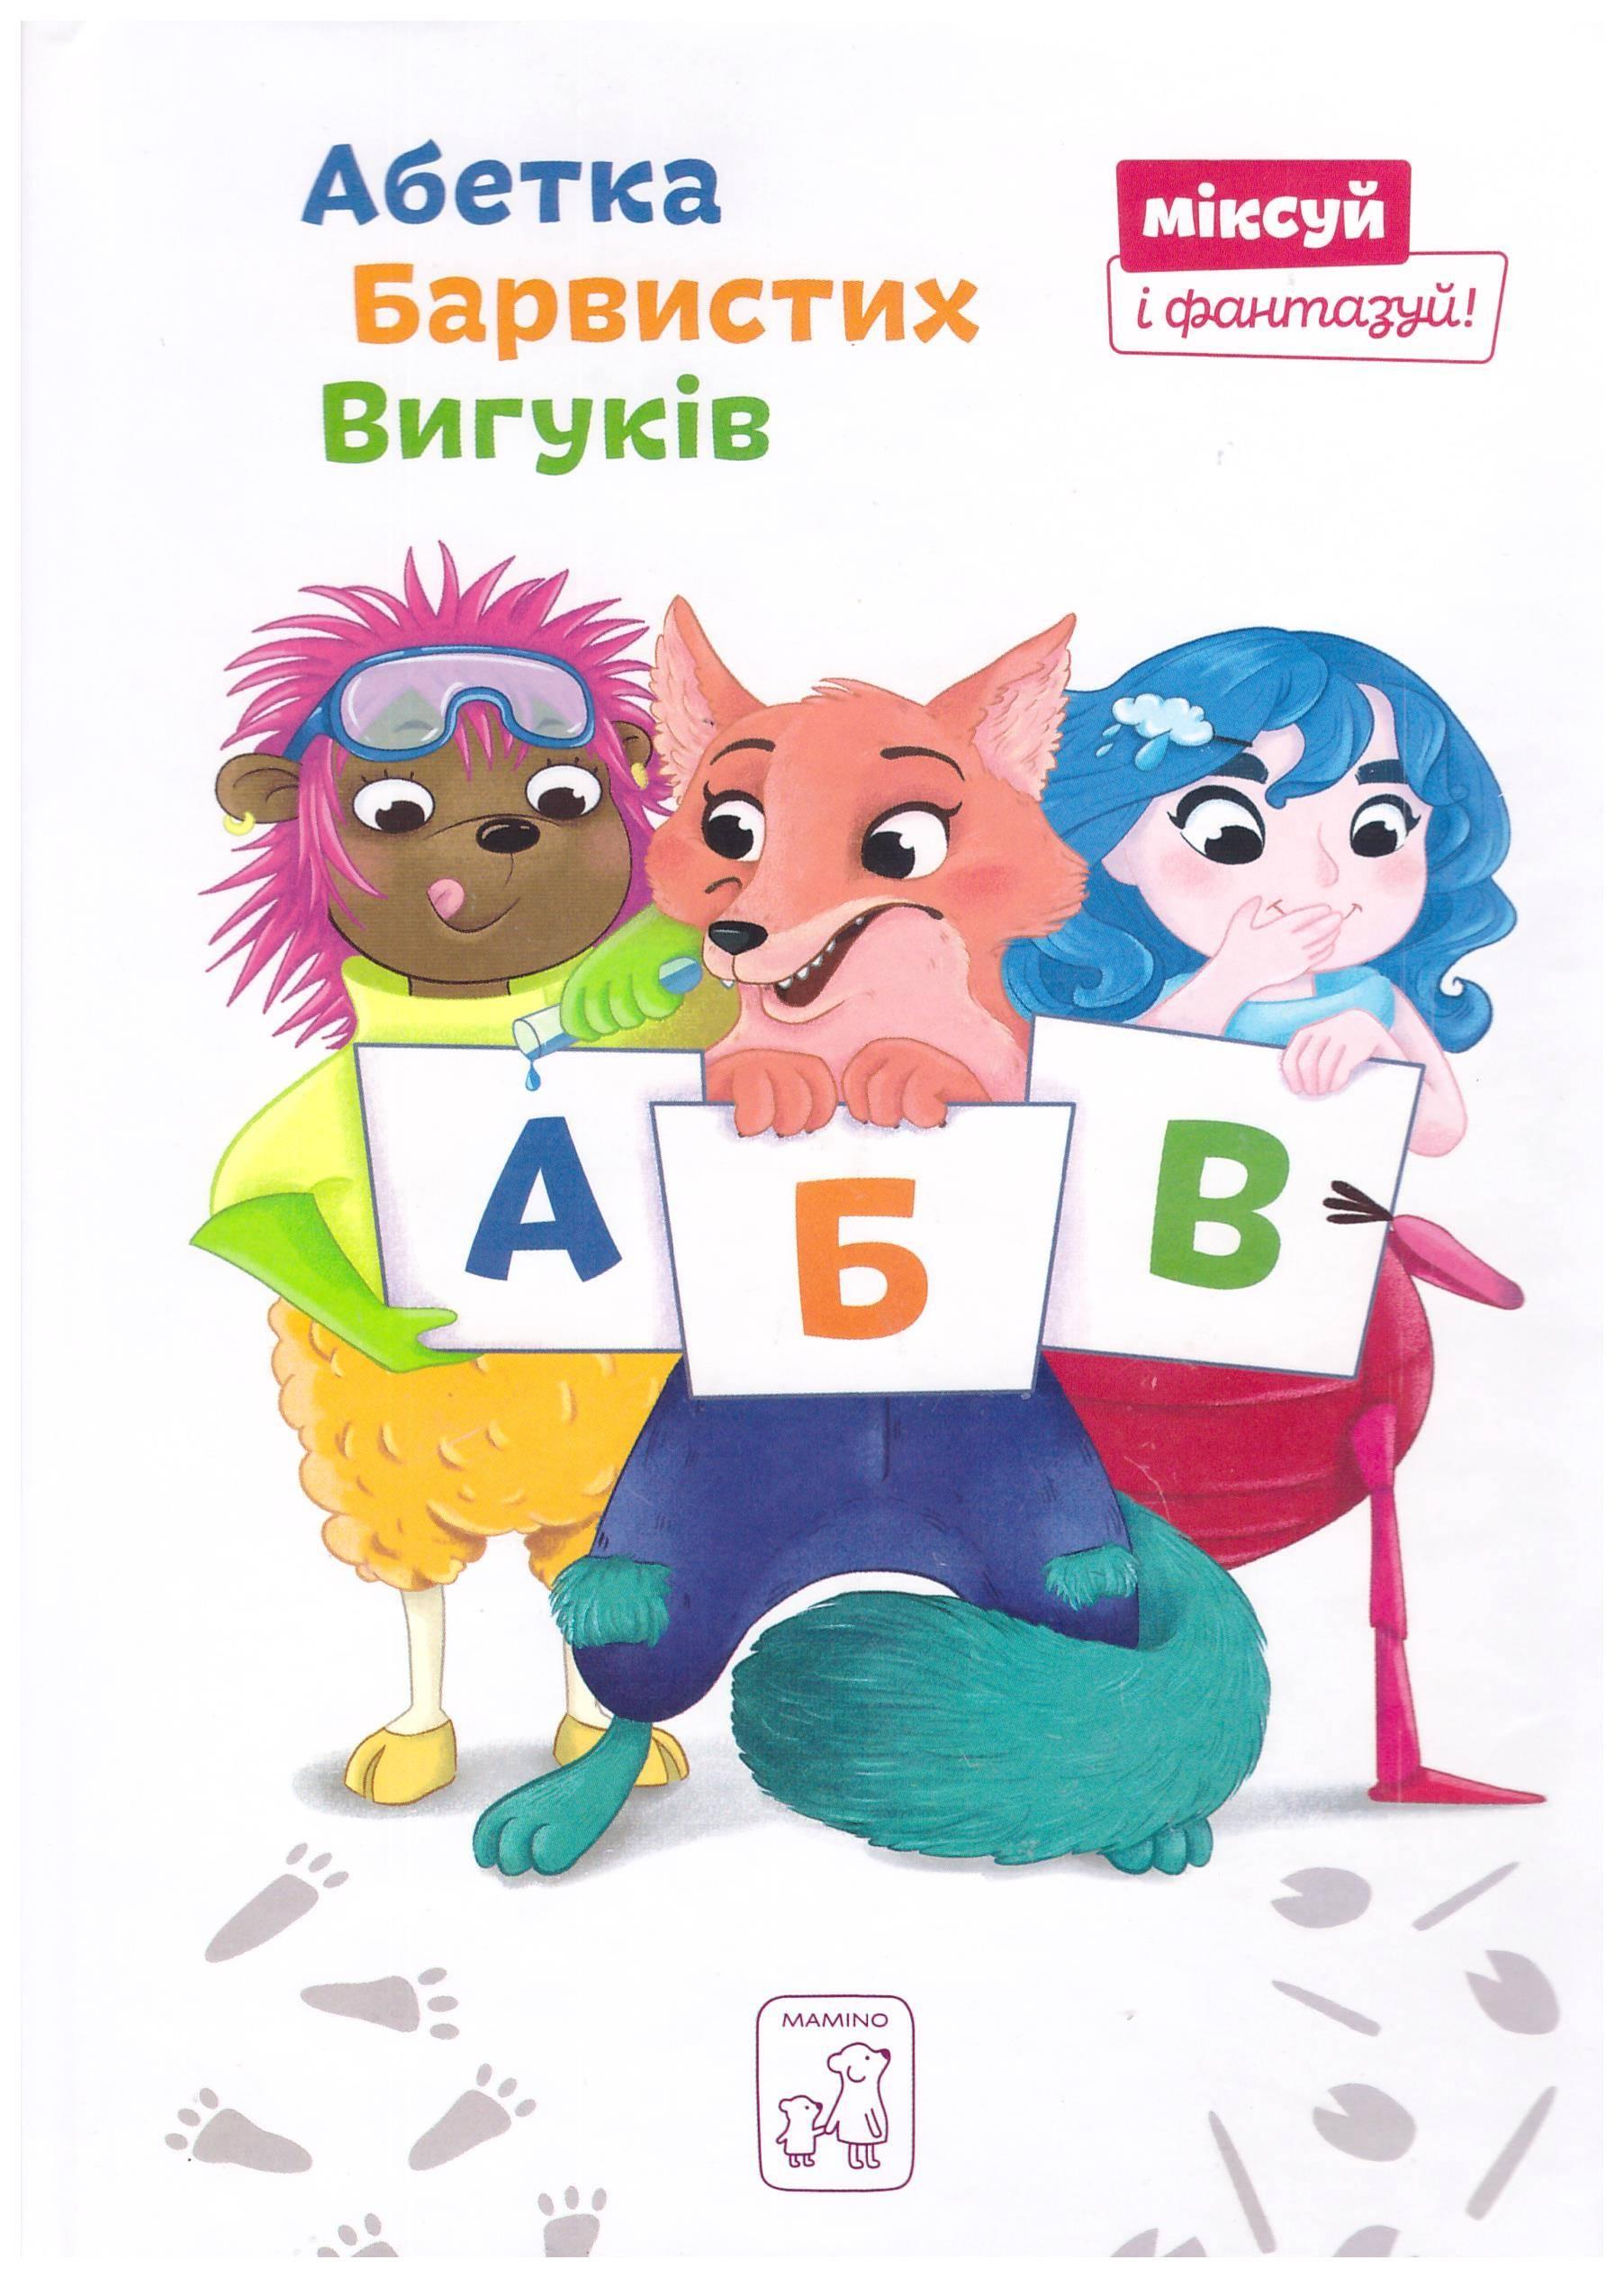 фото - АБЕТКА БАРВИСТИХ ВИГУКІВ 001